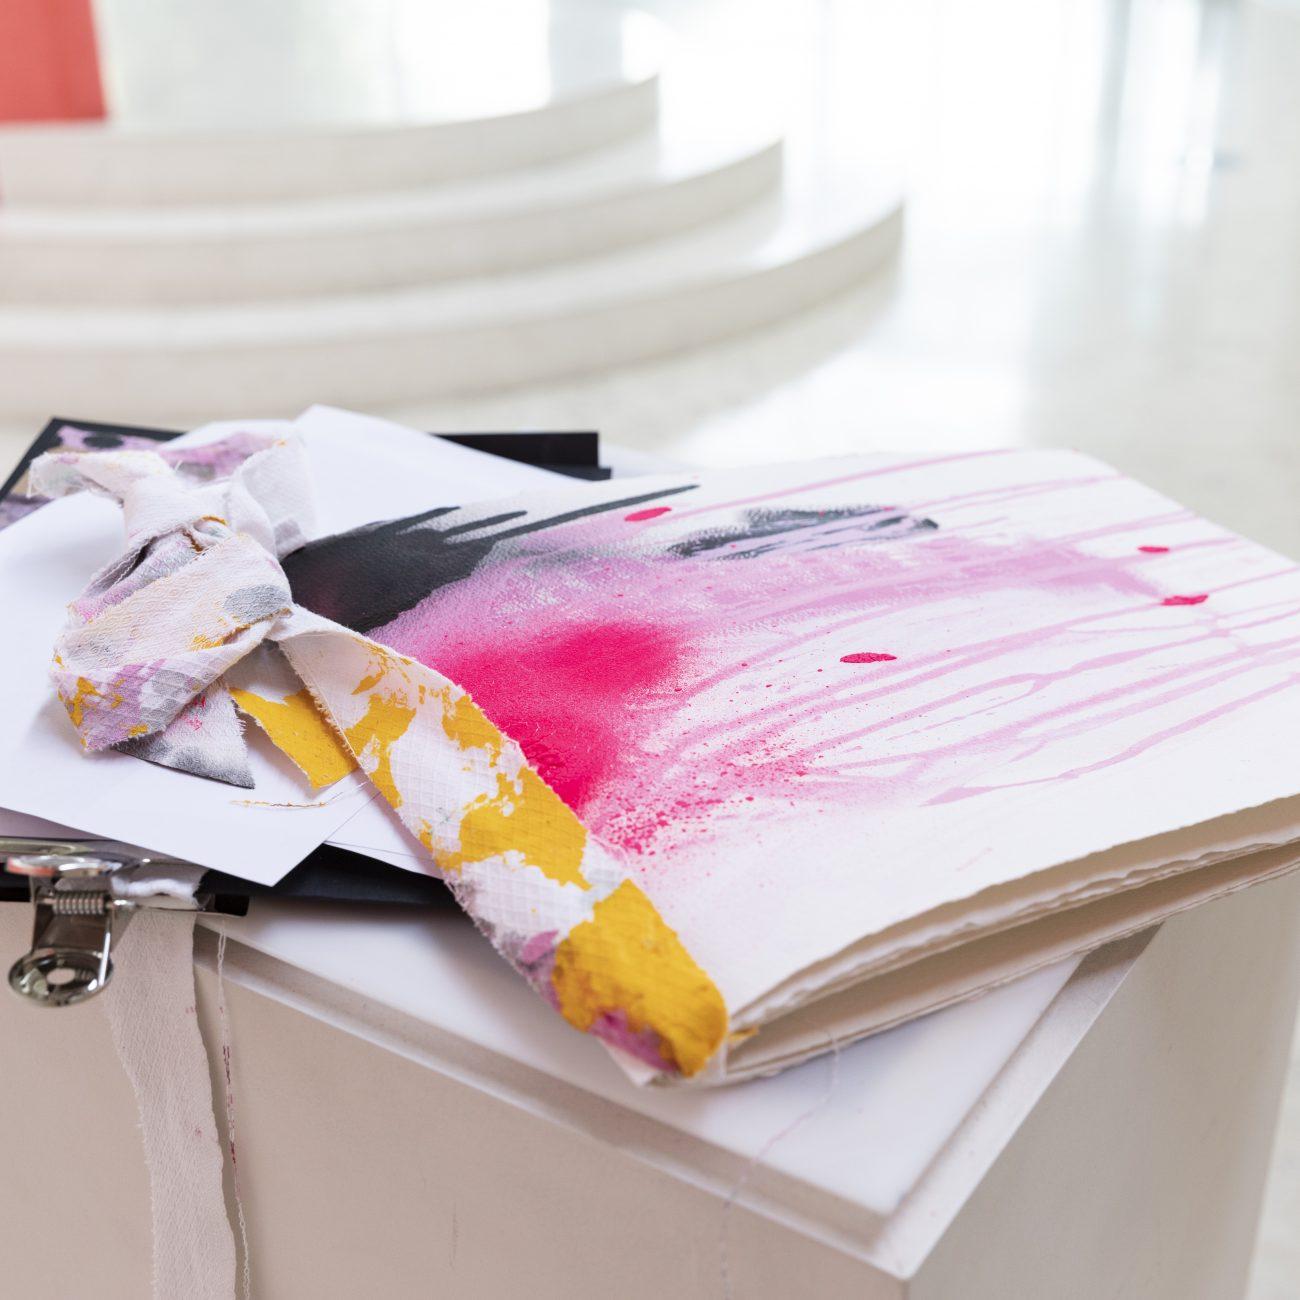 Libro d'artista, tecnica mista su carta, 2019